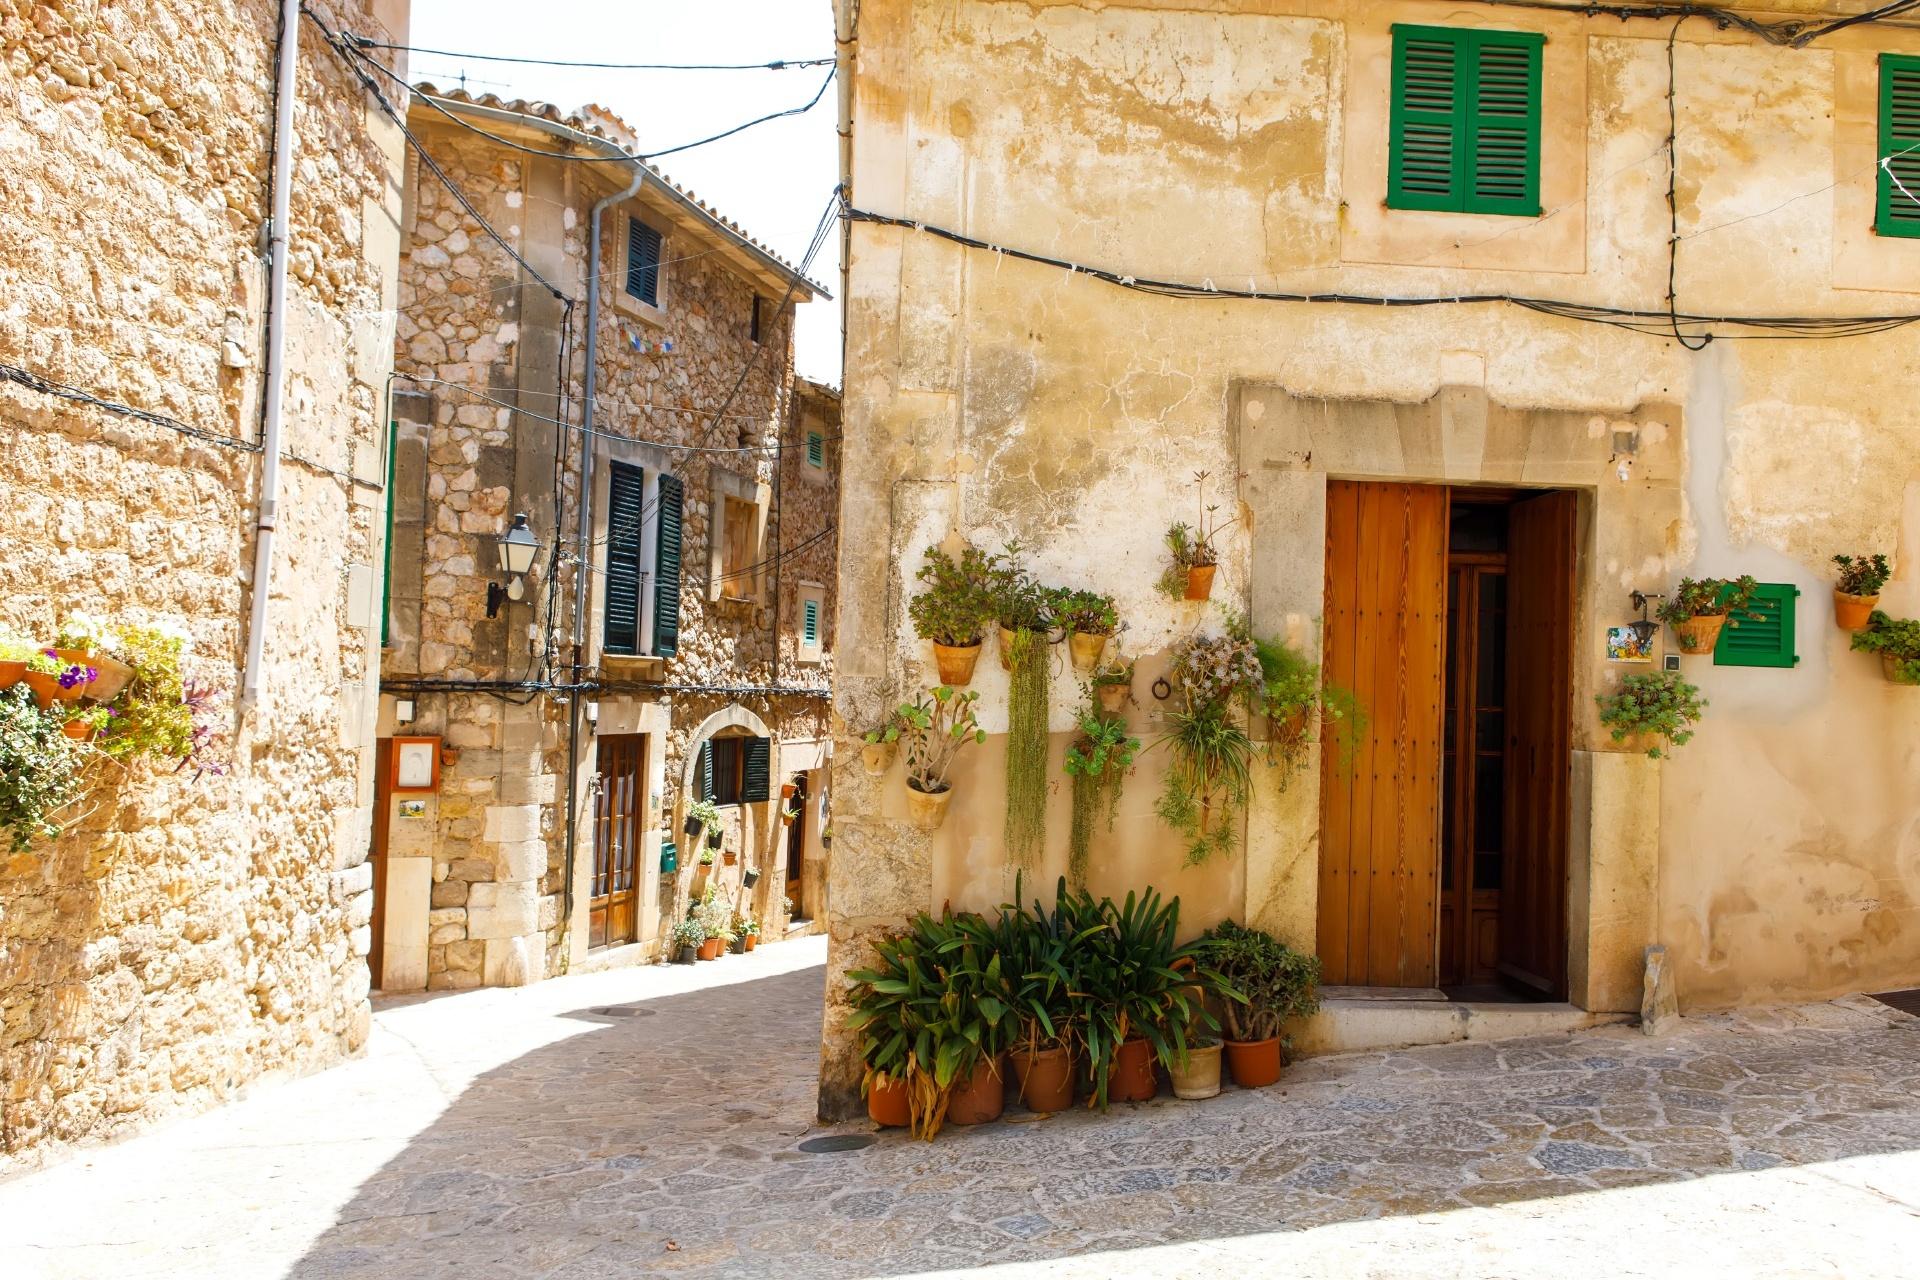 マヨルカ島 バルデモーサの路地の風景 スペインの風景